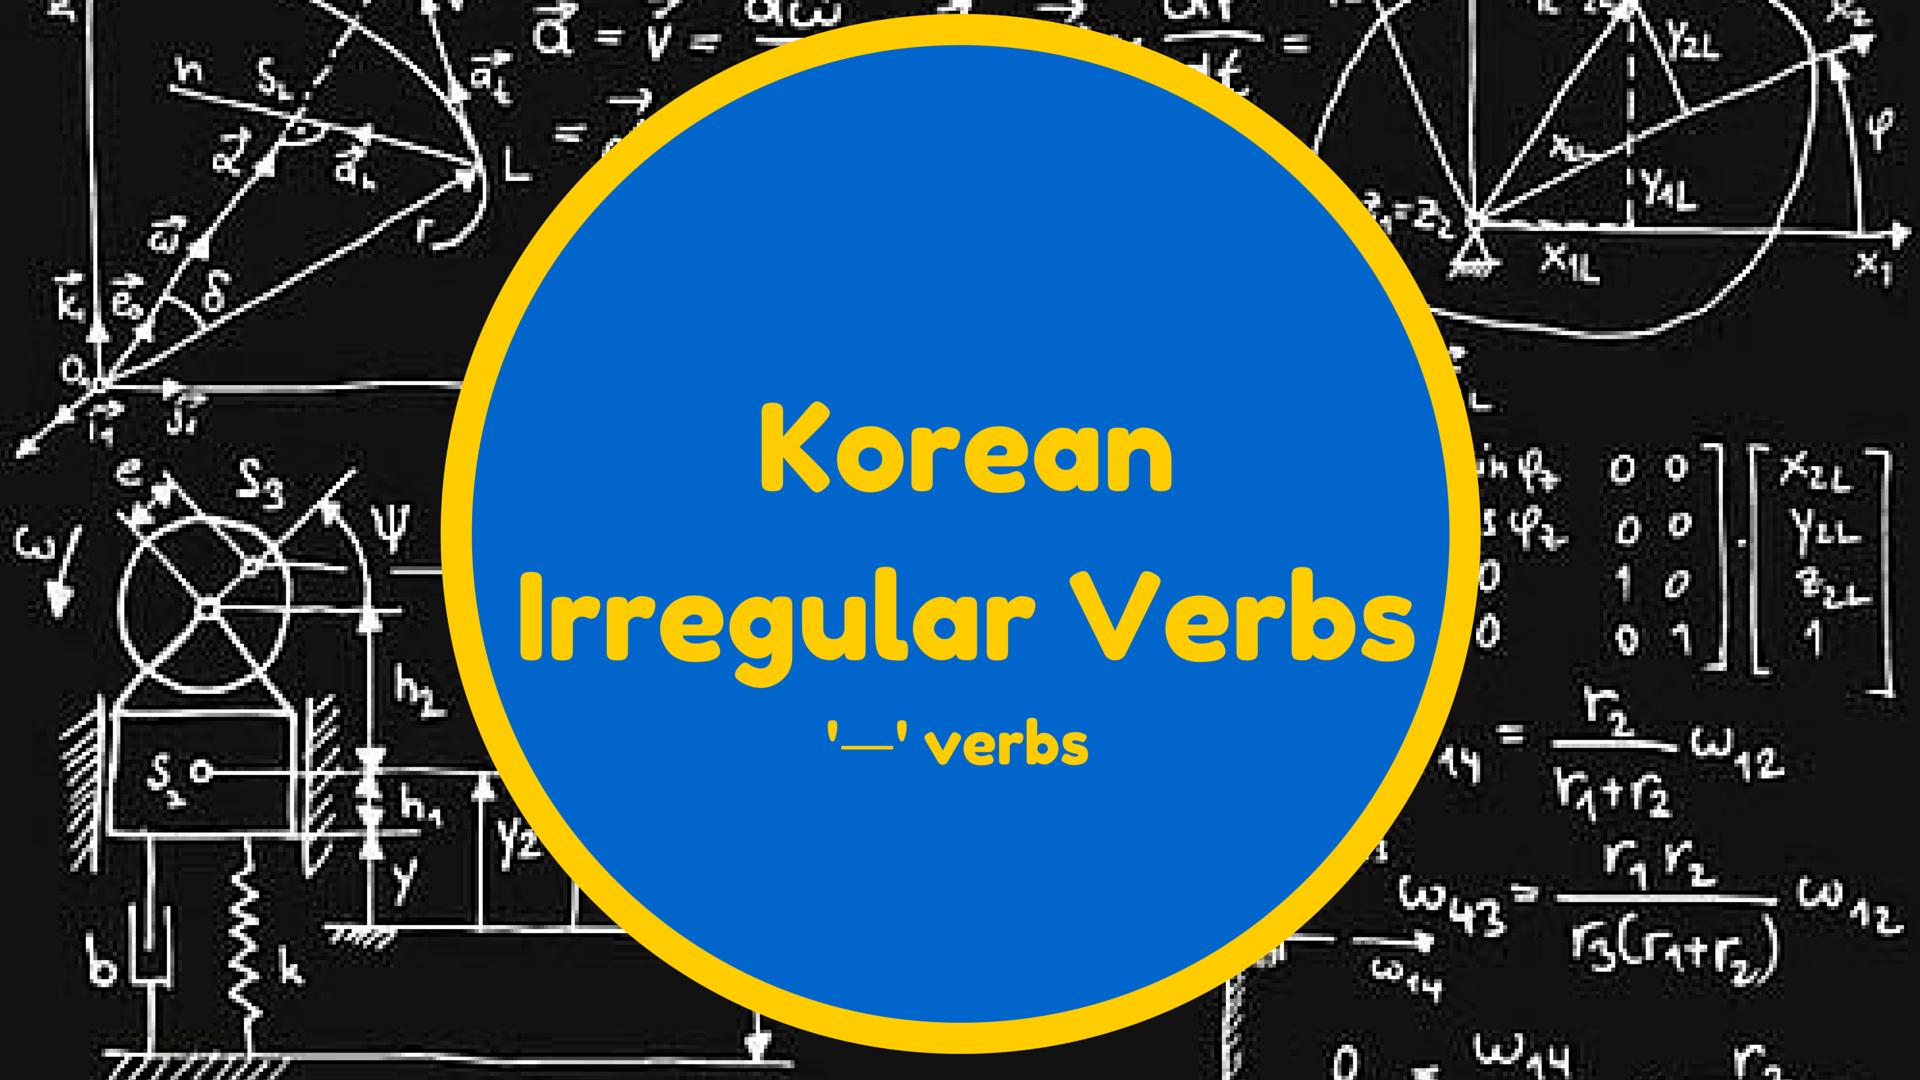 ㅡ Irregular Verbs